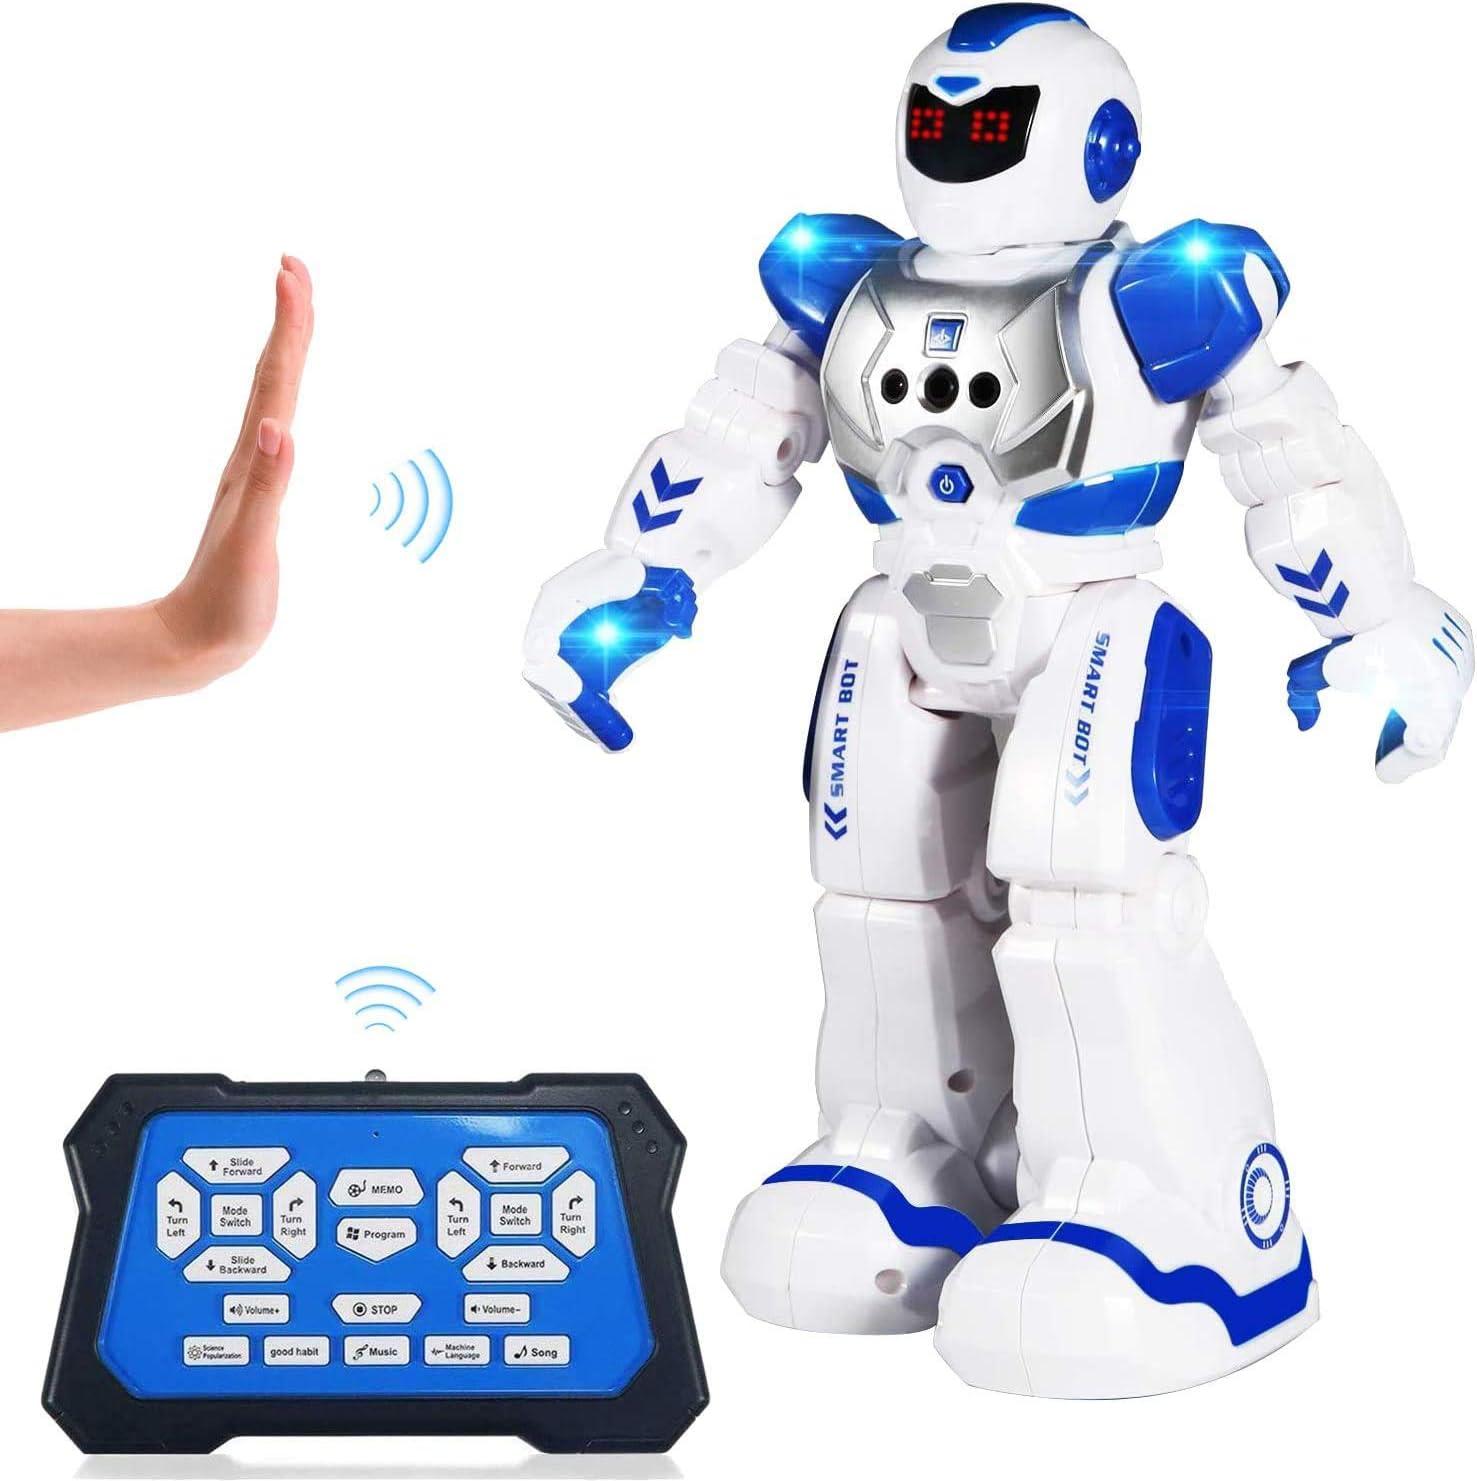 ETEPON Robot para Niños, Robot de Control Remoto Inteligente y Programable Control por Gestos